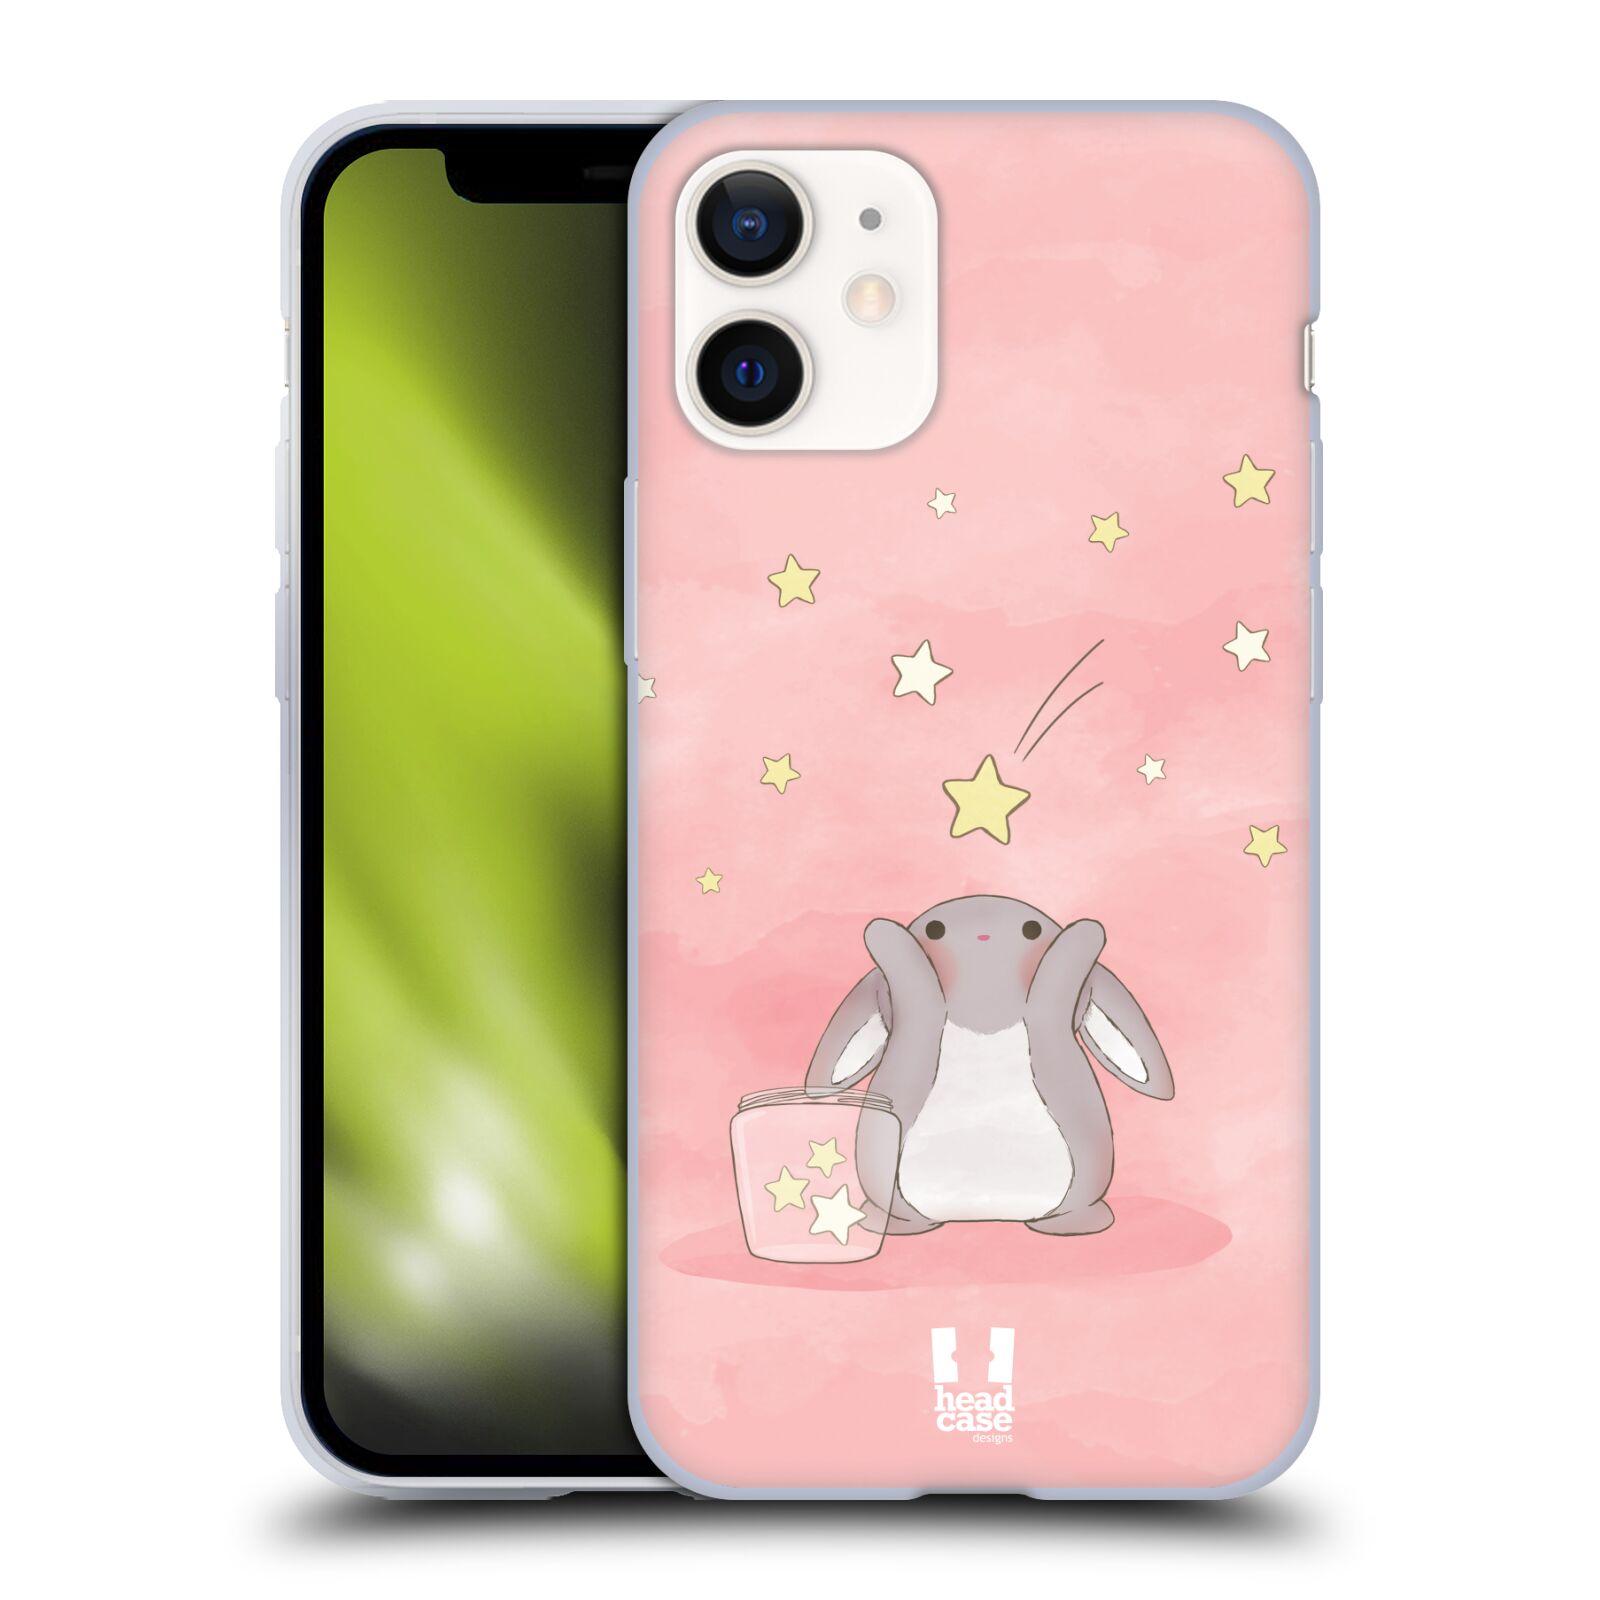 Plastový obal na mobil Apple Iphone 12 MINI vzor králíček a hvězdy růžová